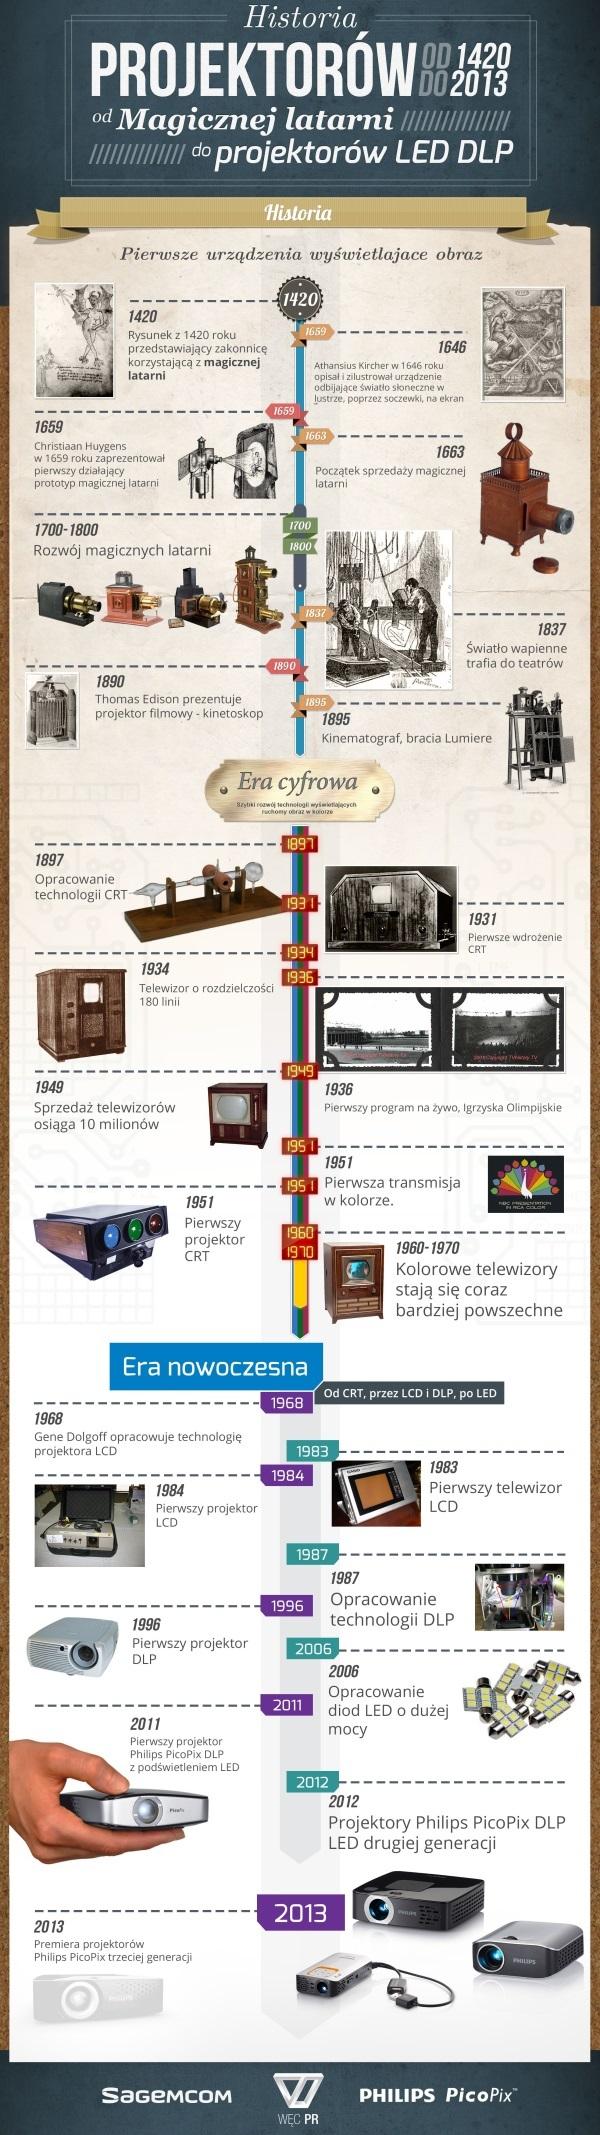 historiaprojektorow-mini-600px.jpg